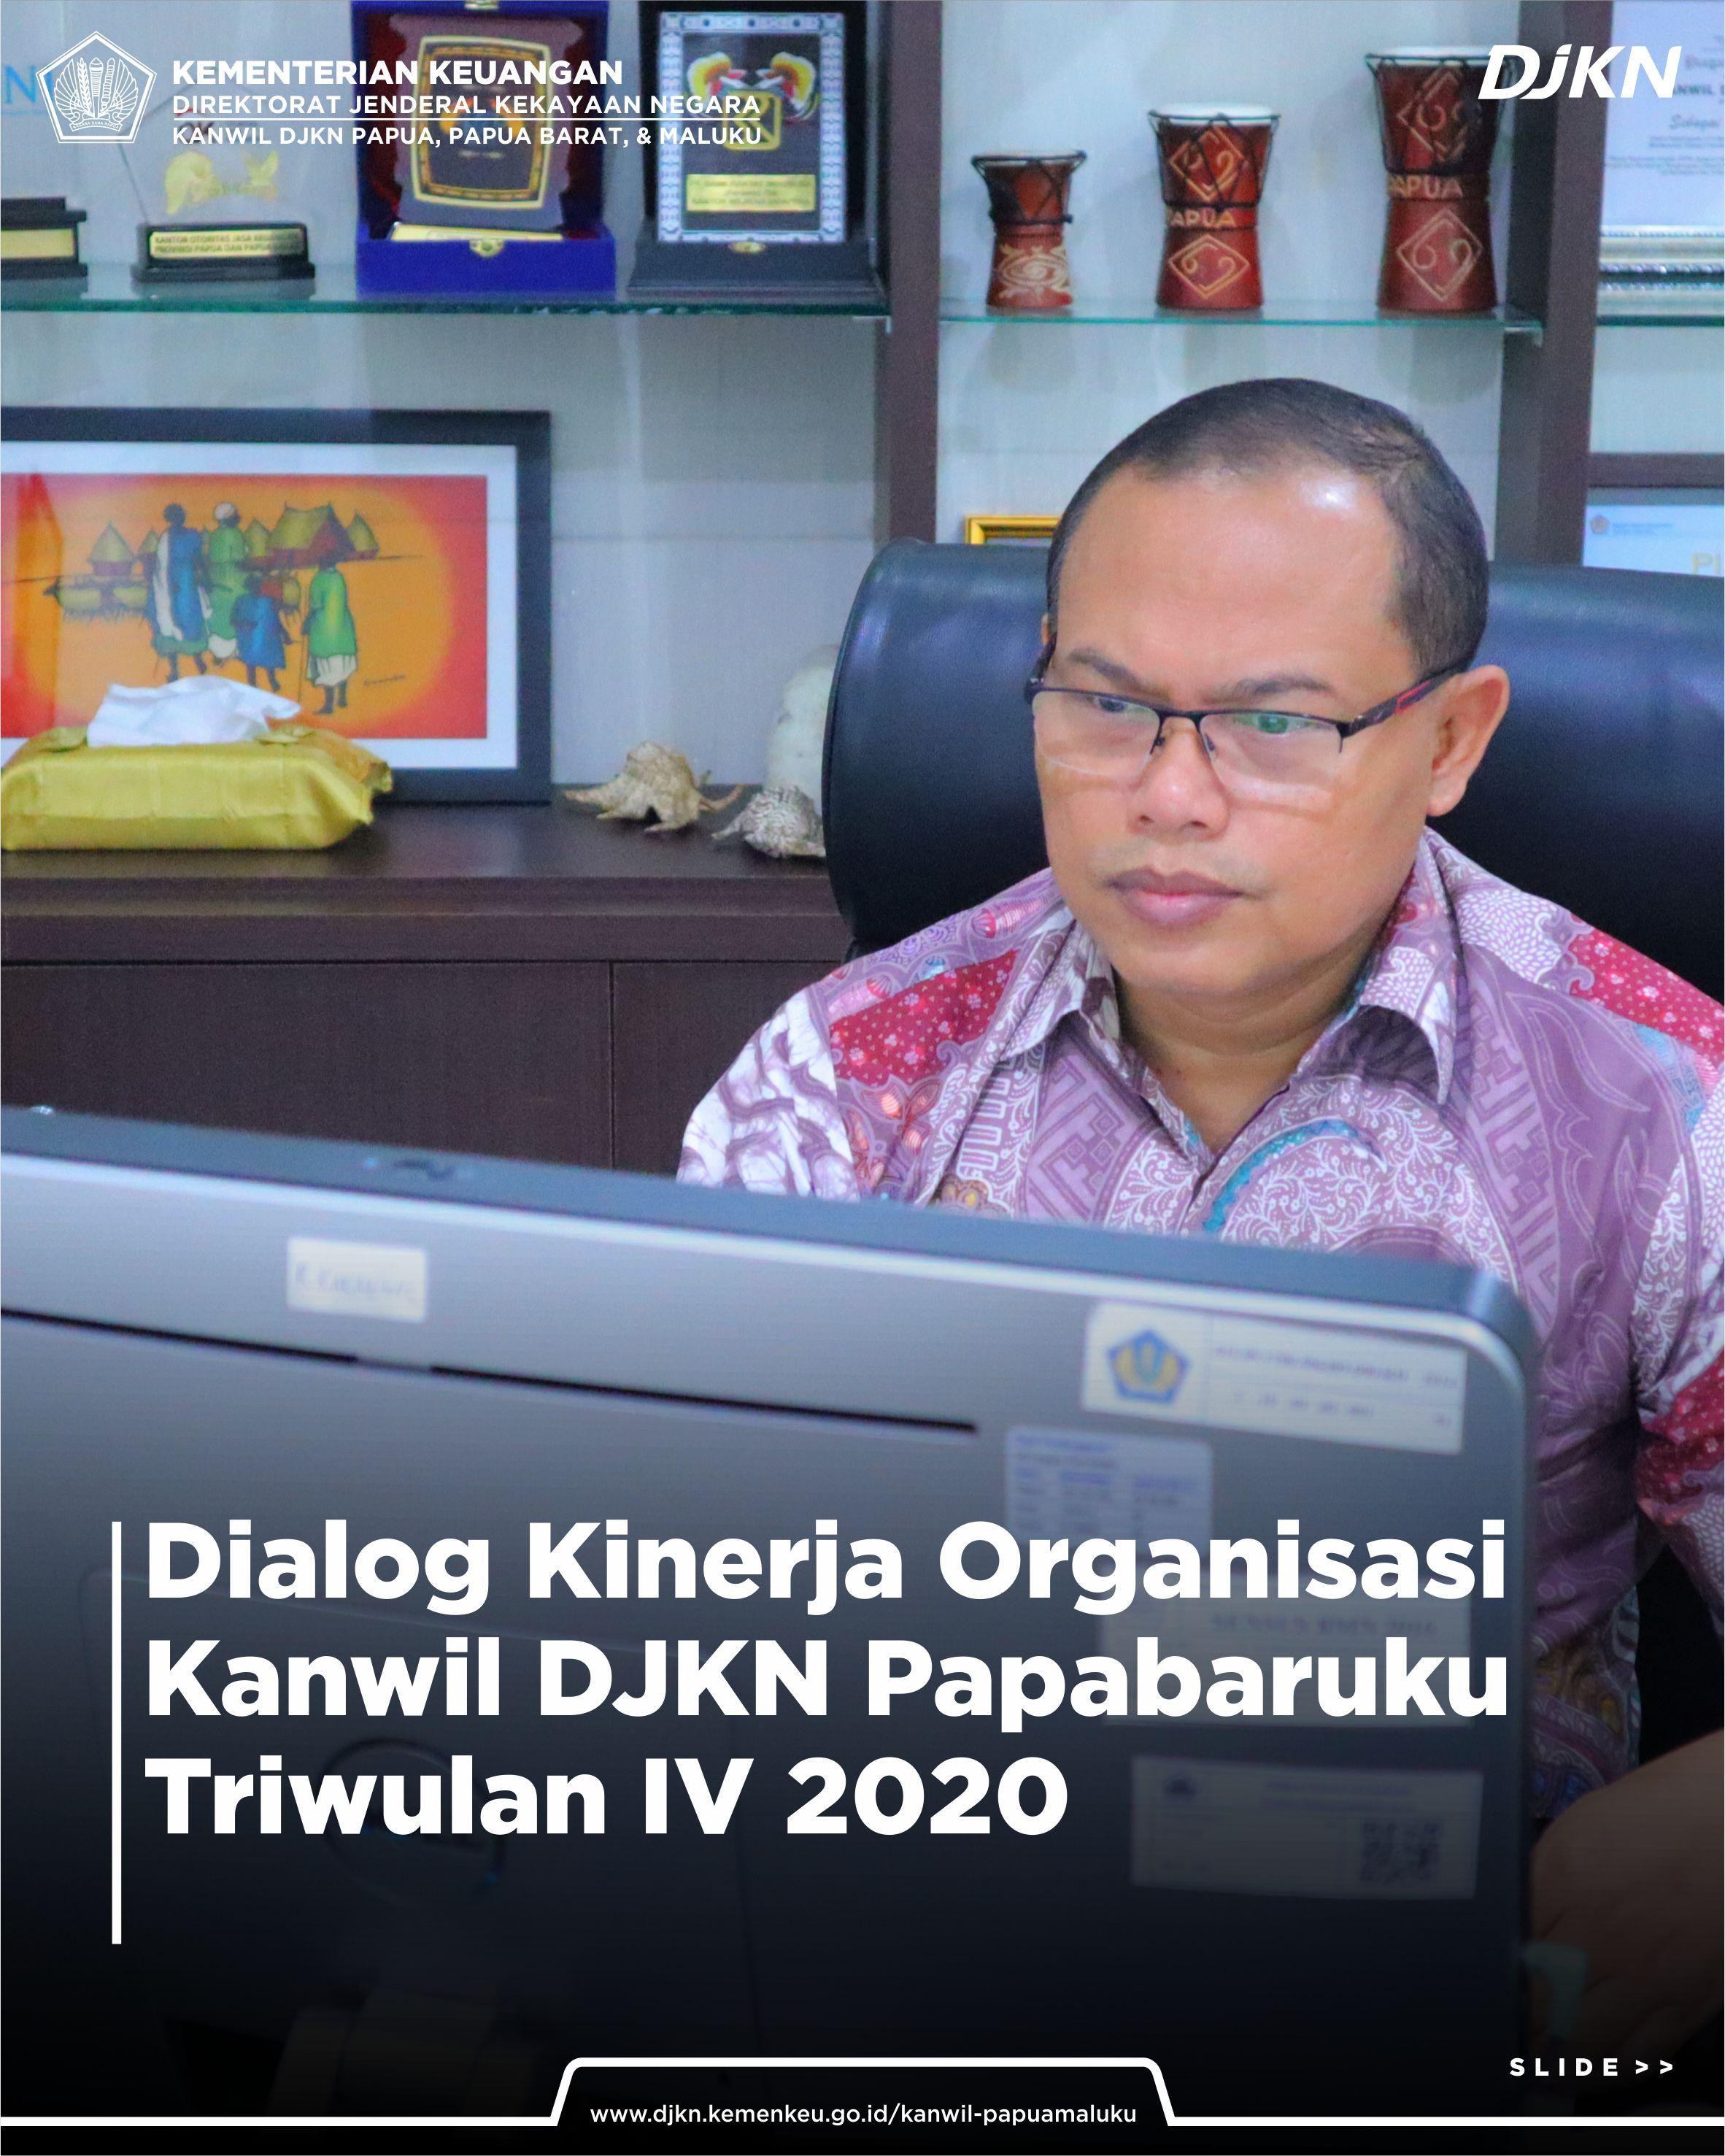 Dialog Kinerja Oraginasi Triwulan IV Tahun 2020 Kanwil DJKN Papabaruku